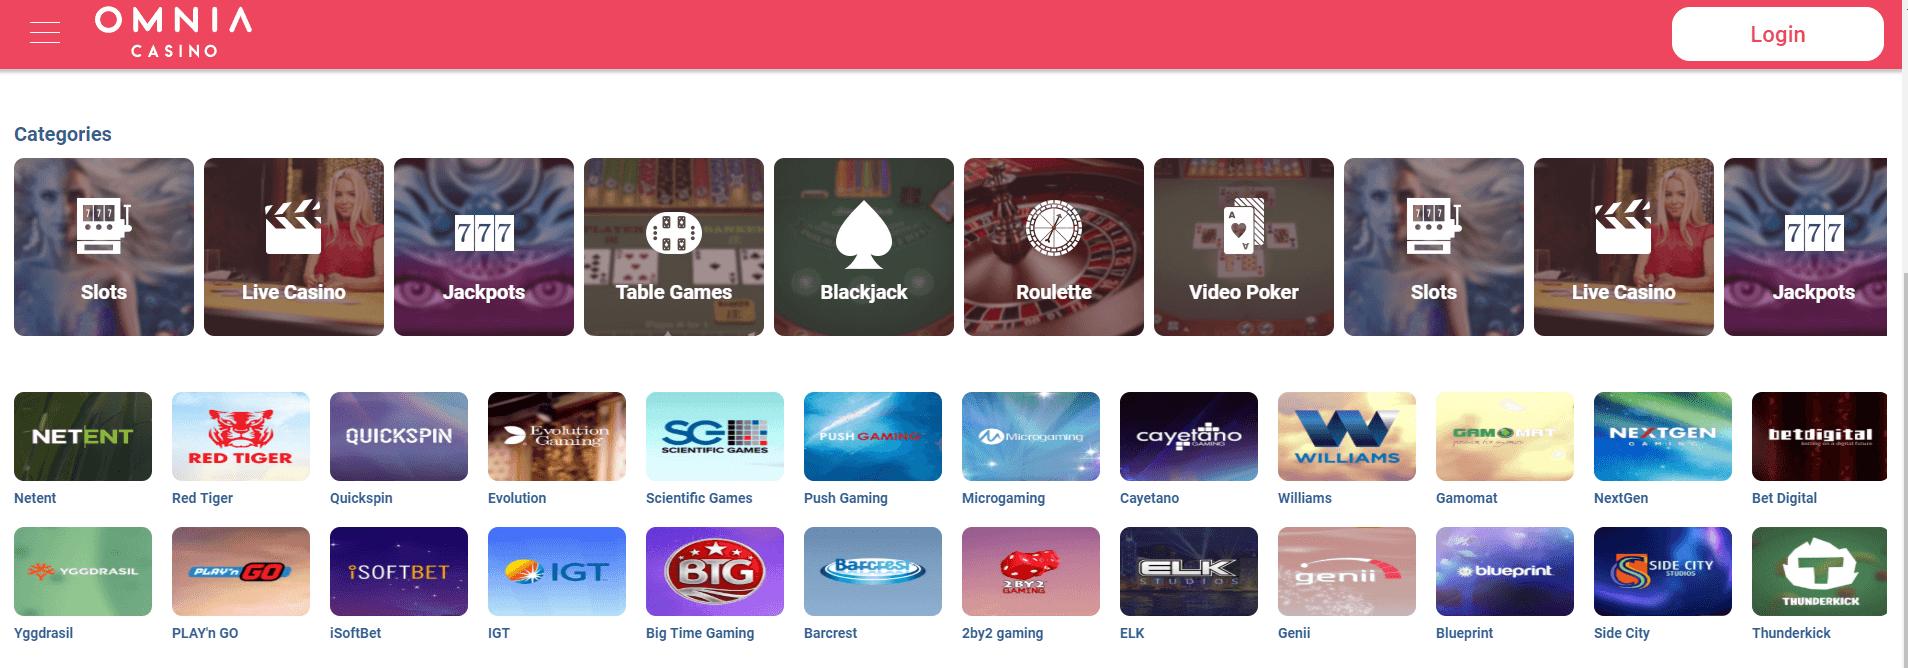 Spelaanbod Omnia casino